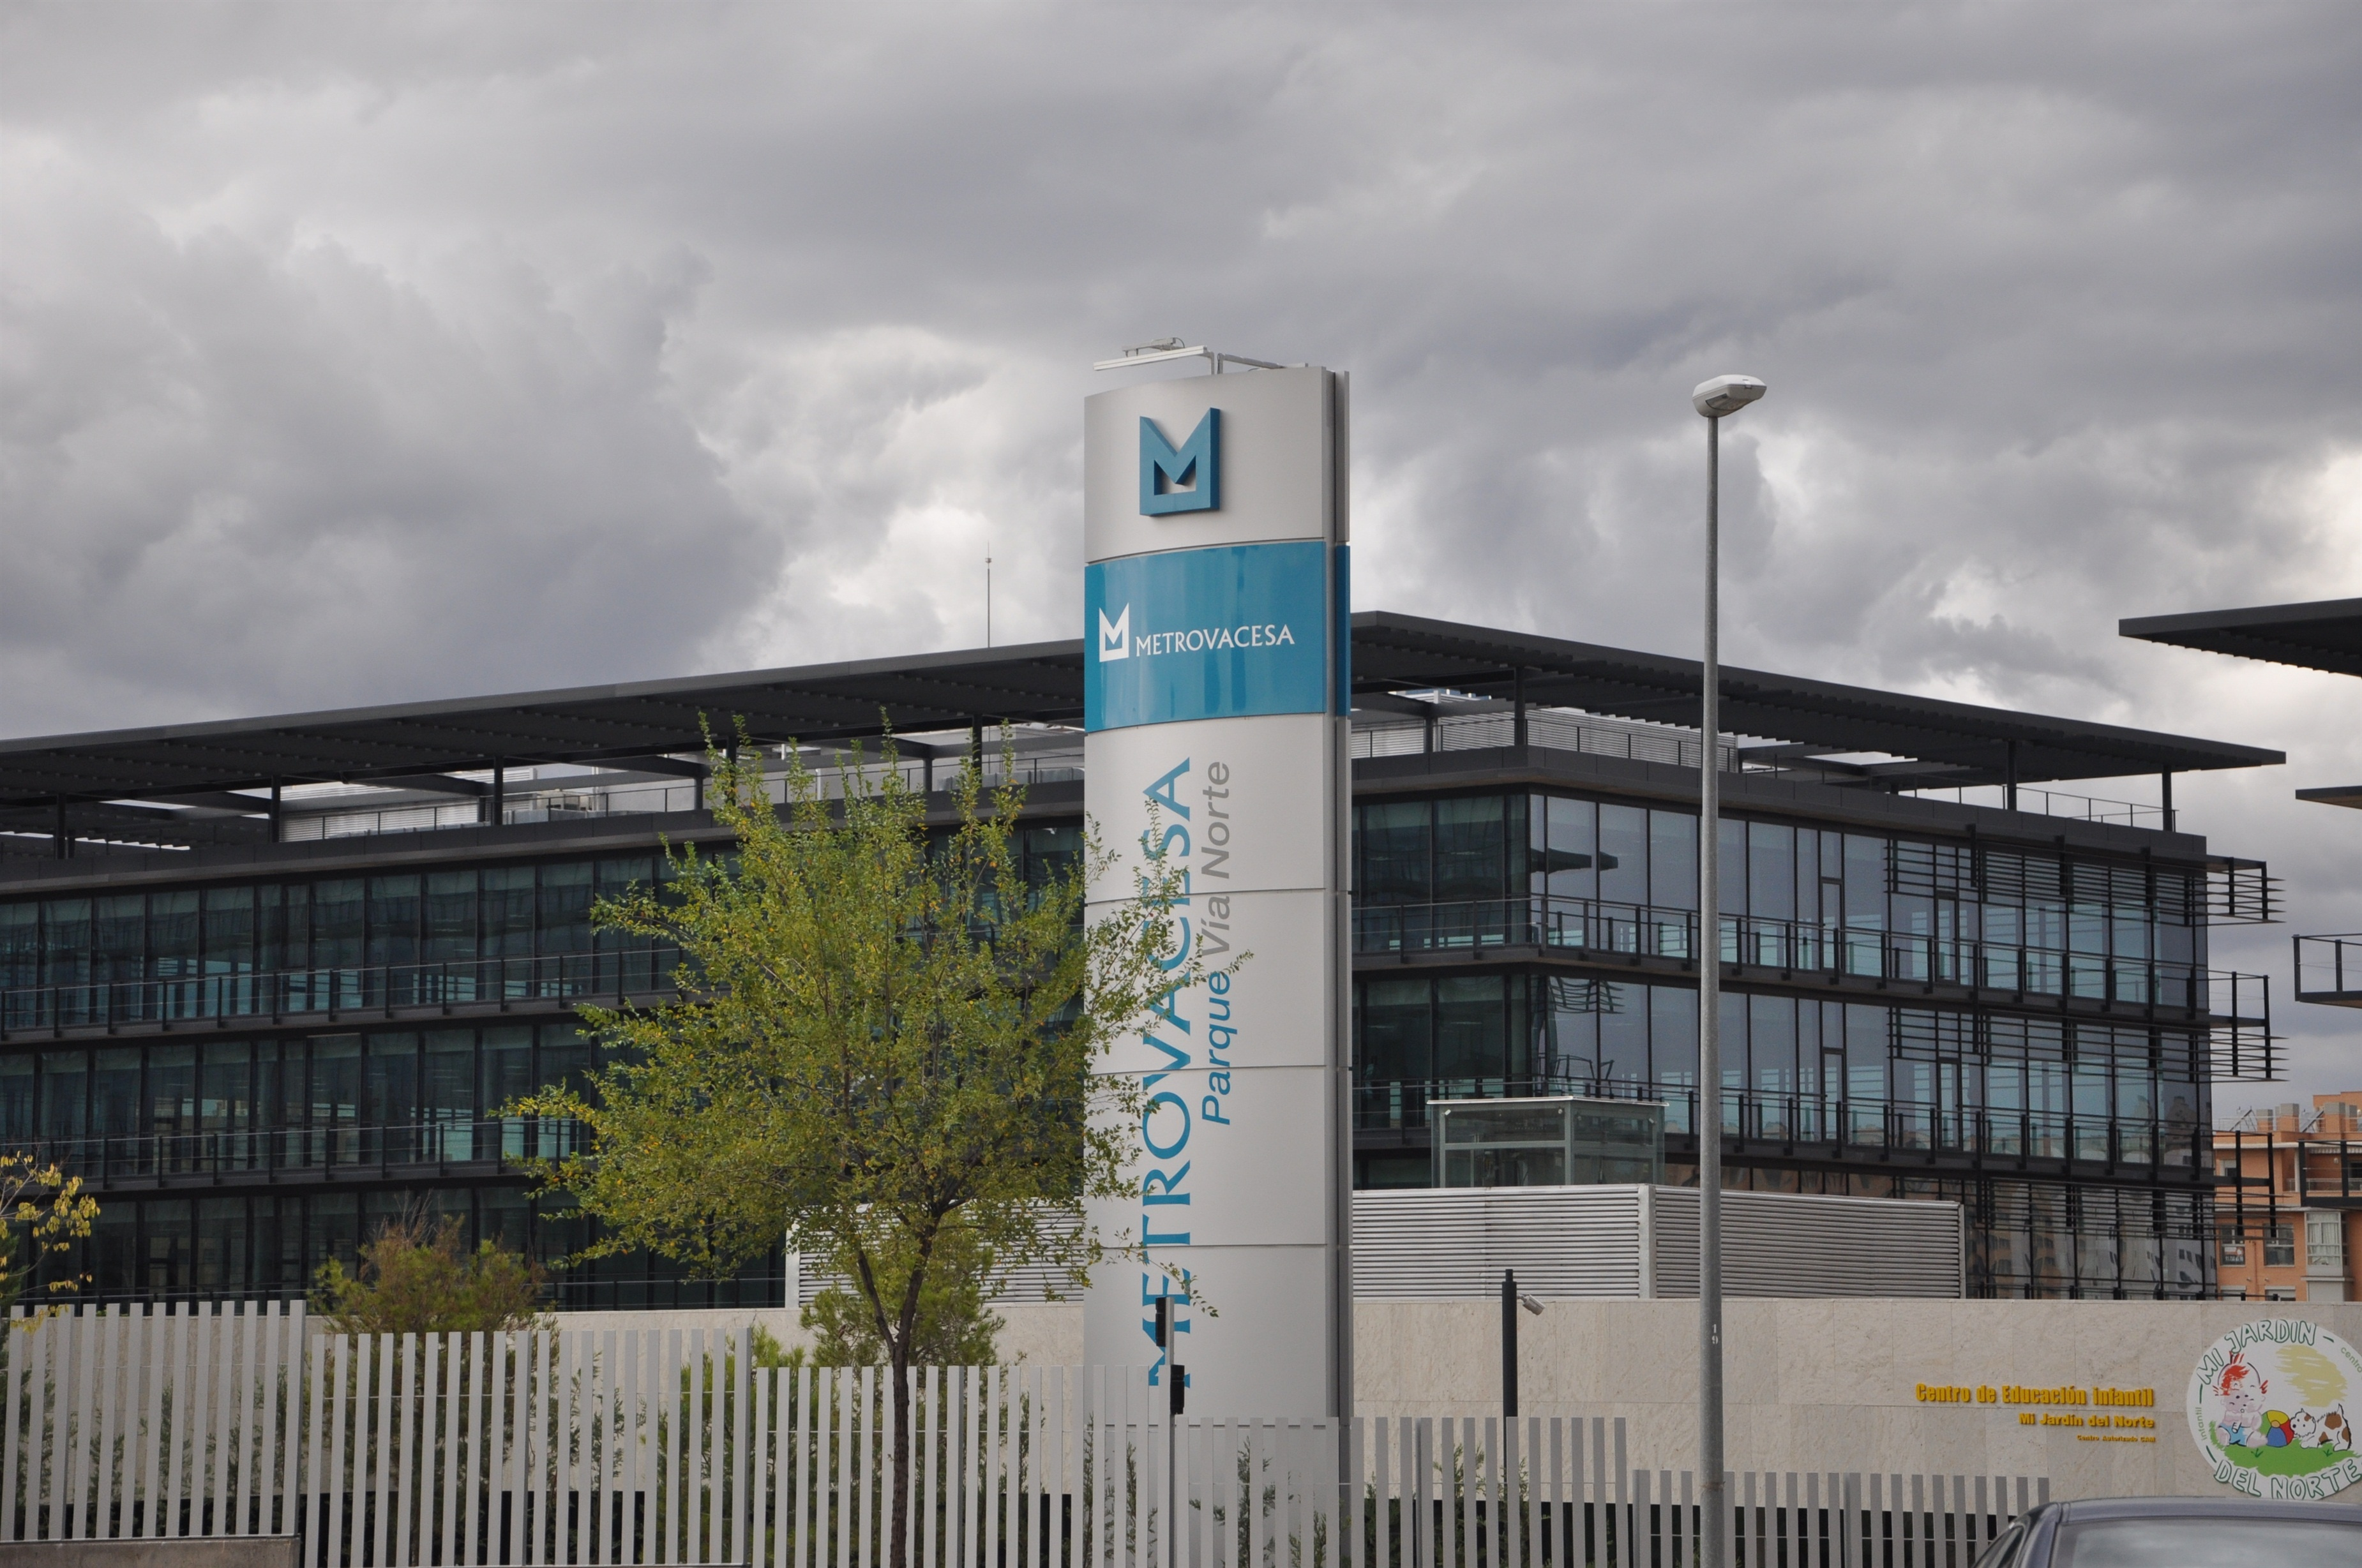 Metrovacesa ahorrará 400.000 euros anuales en energía tras invertir un millón en eficiencia